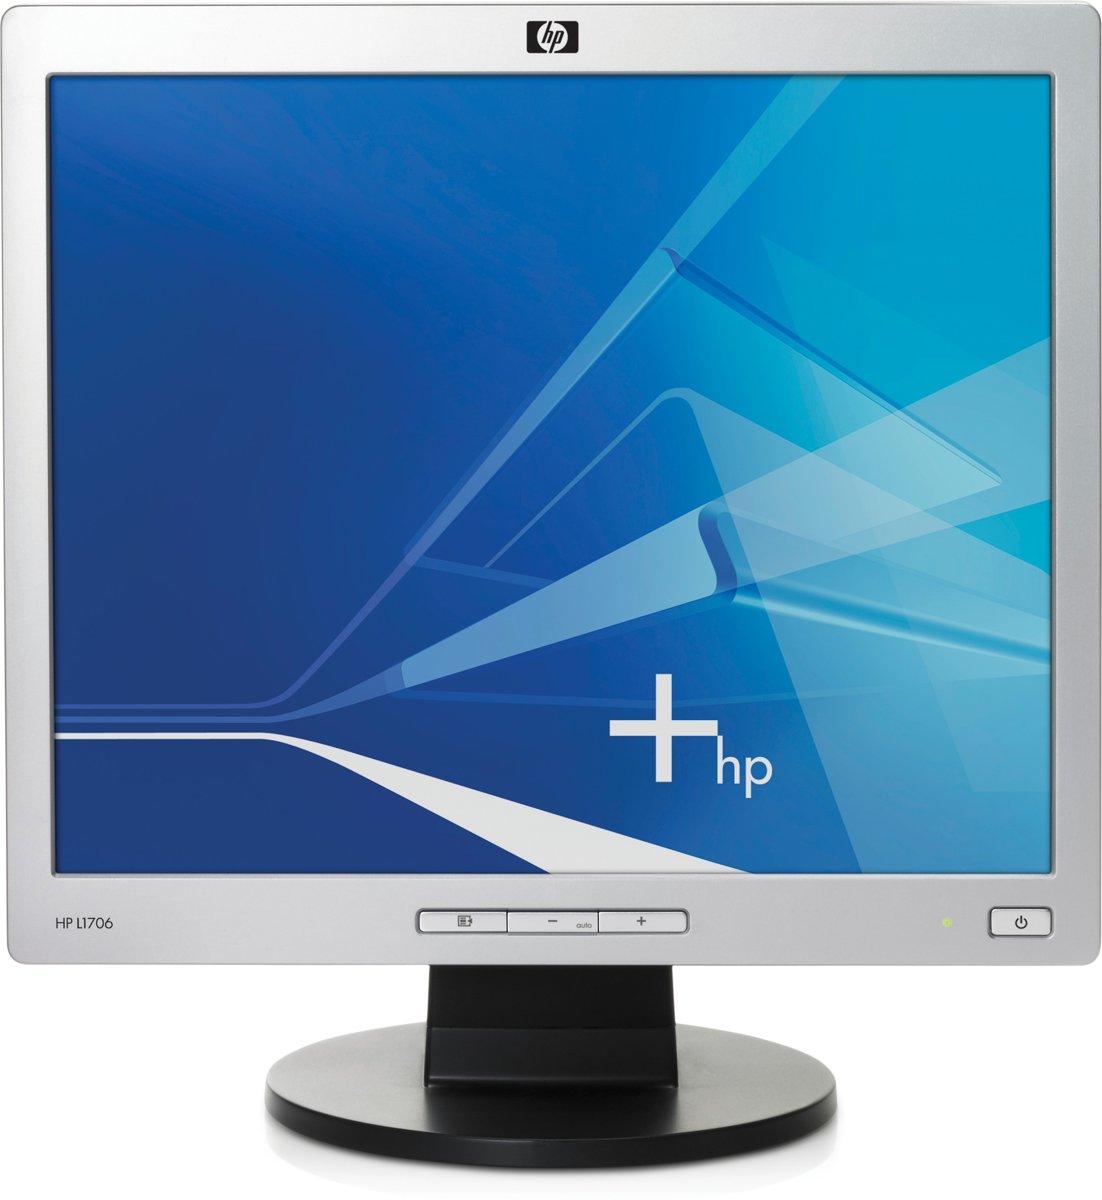 HP L1706 - Monitor